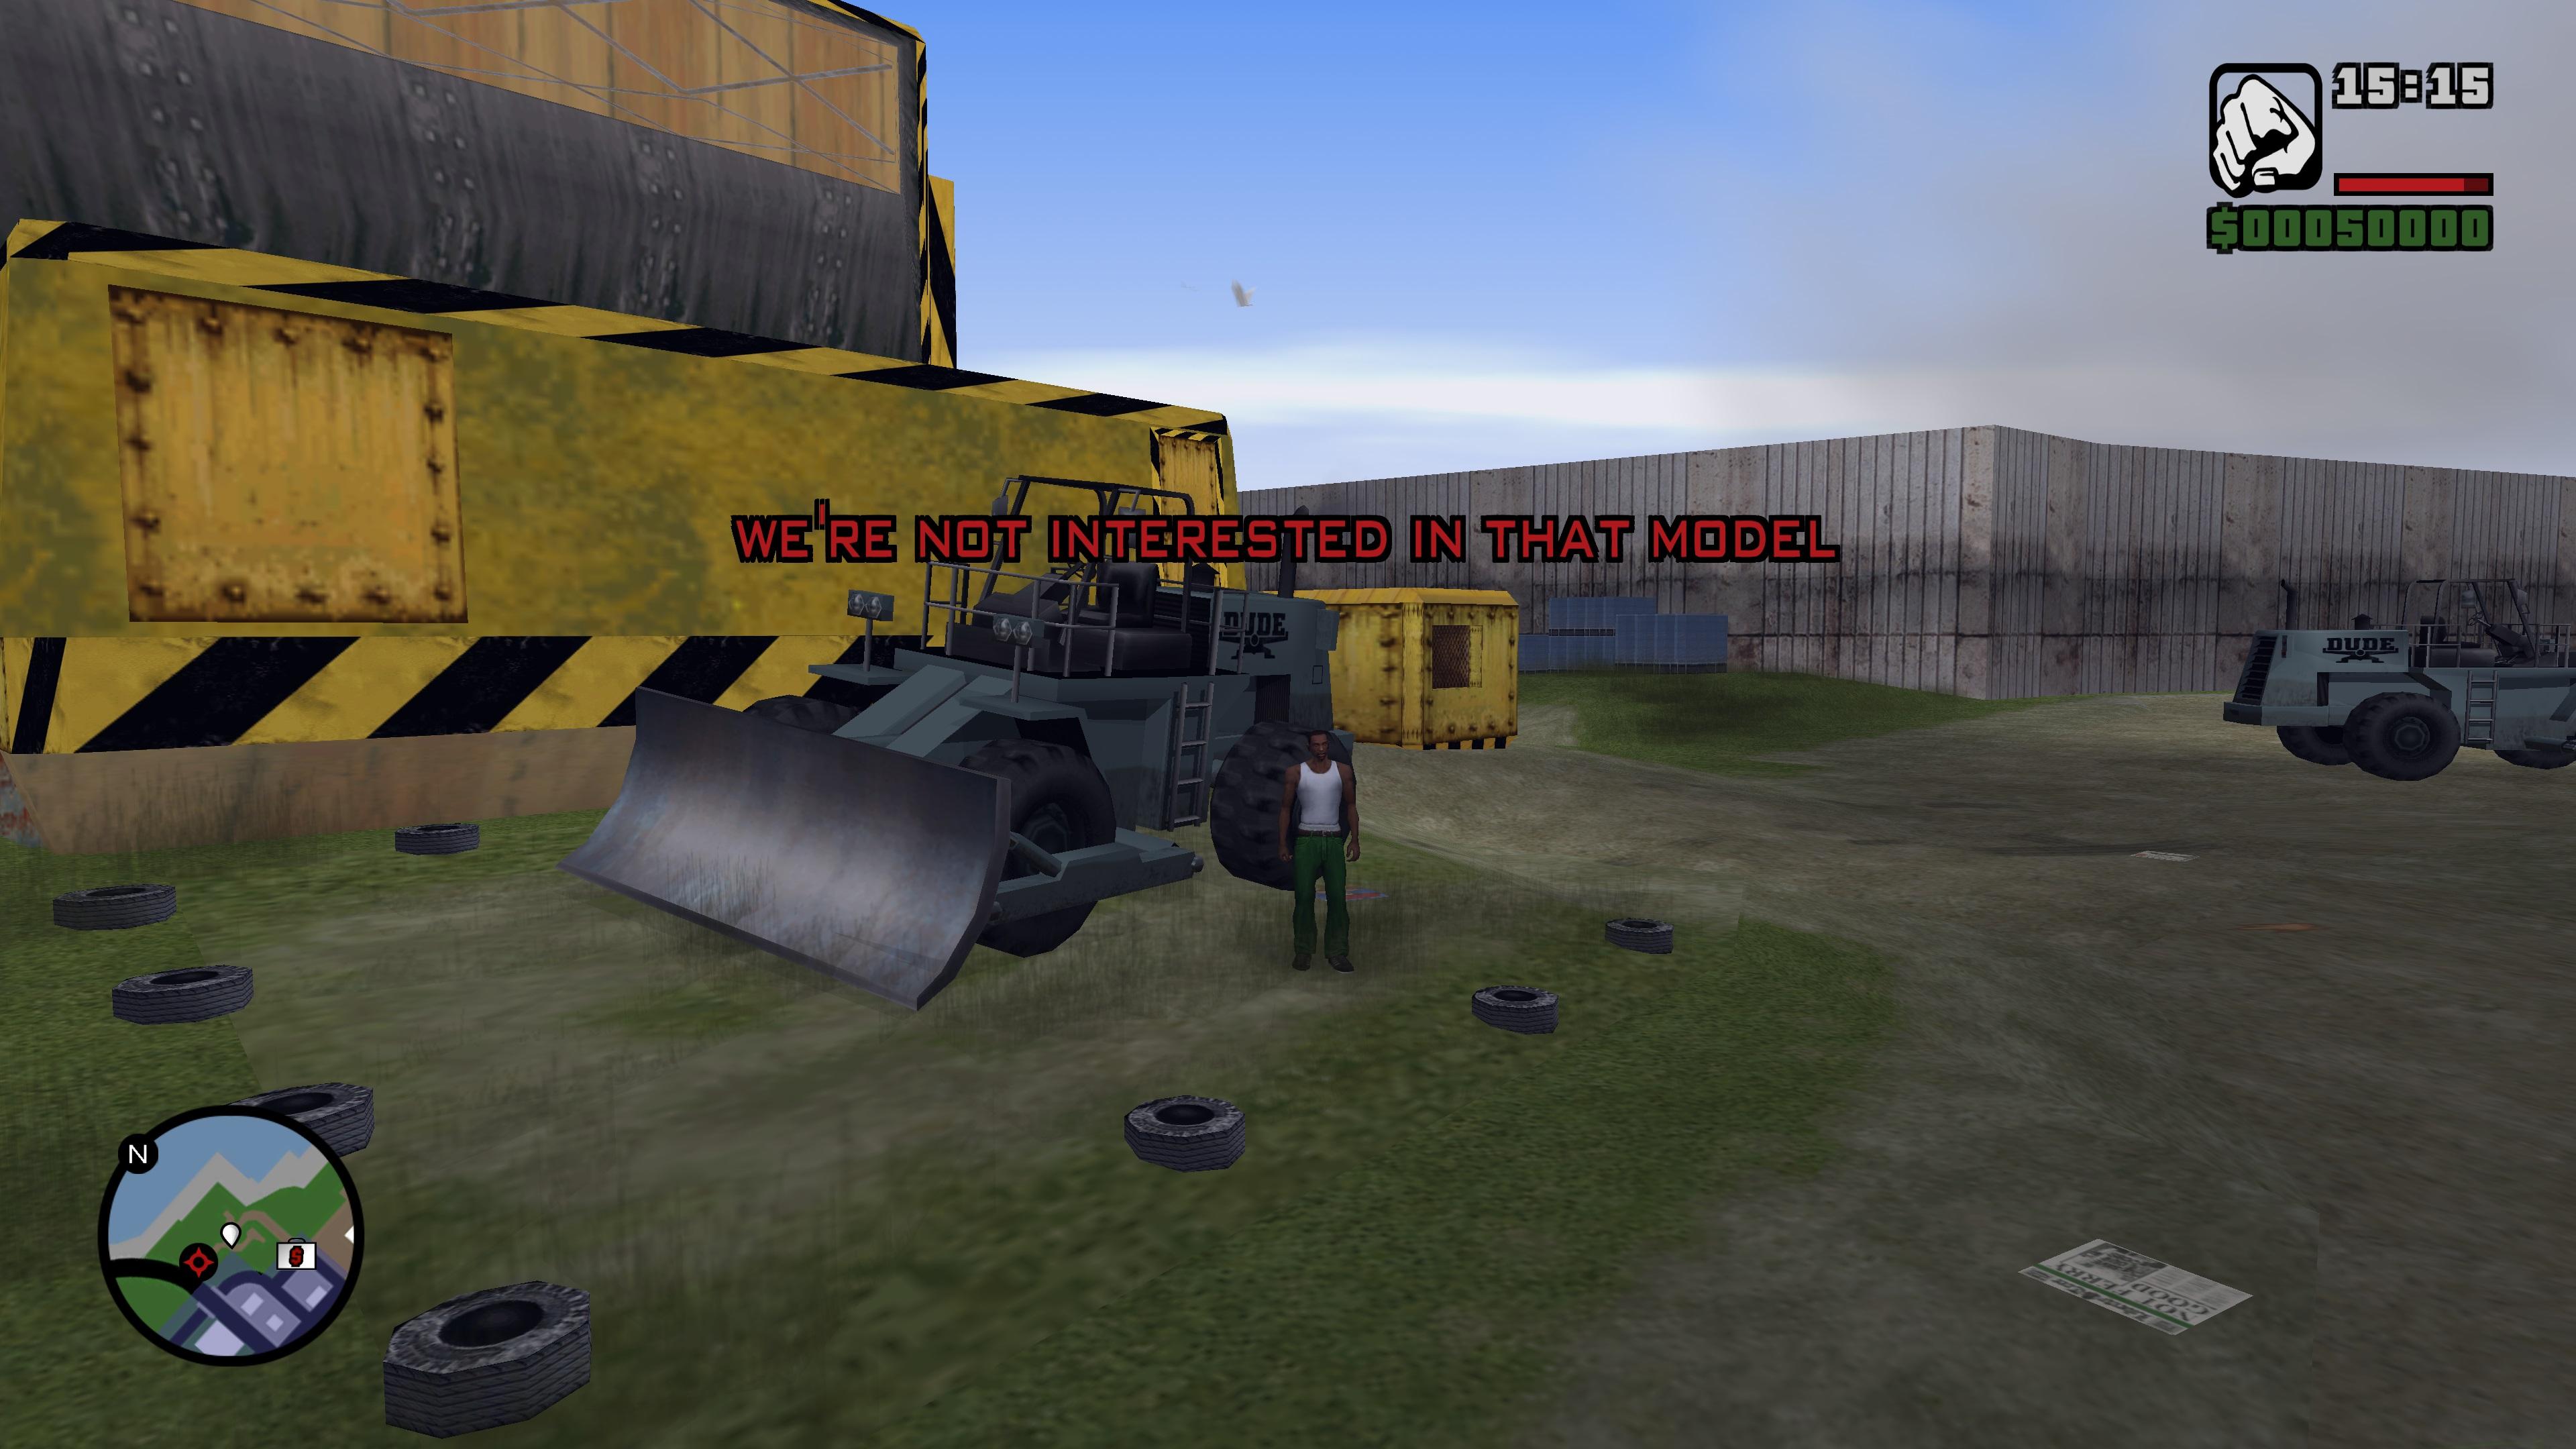 Gta Underground Screenshot 2020